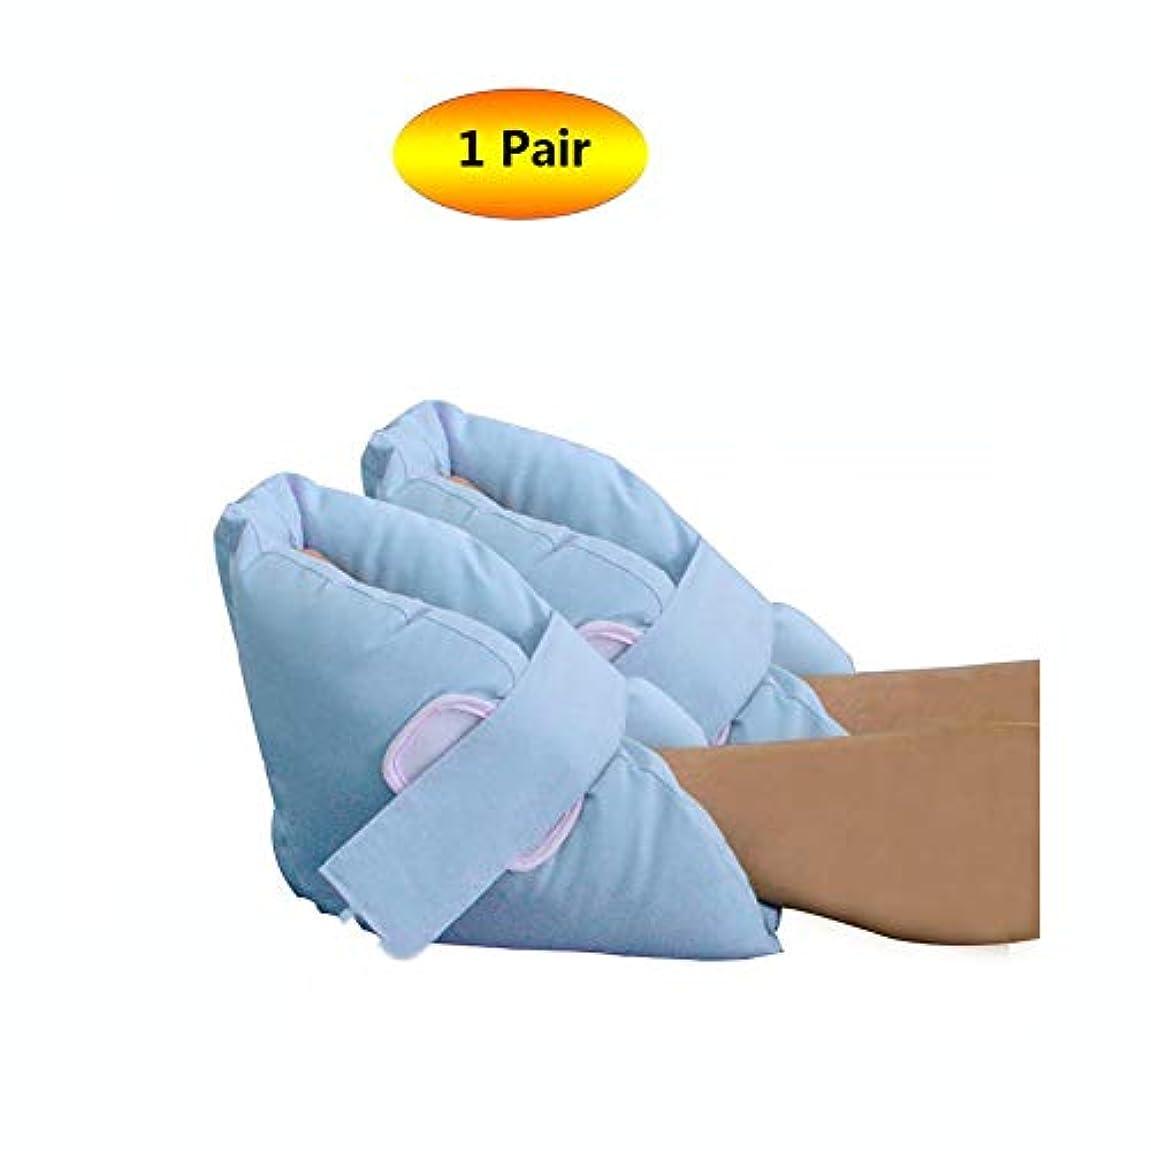 母性鑑定市長ヒールプロテクター枕ソフト慰め、ヒールフロートヒールプロテクター、高齢者の足補正カバー - ブルー